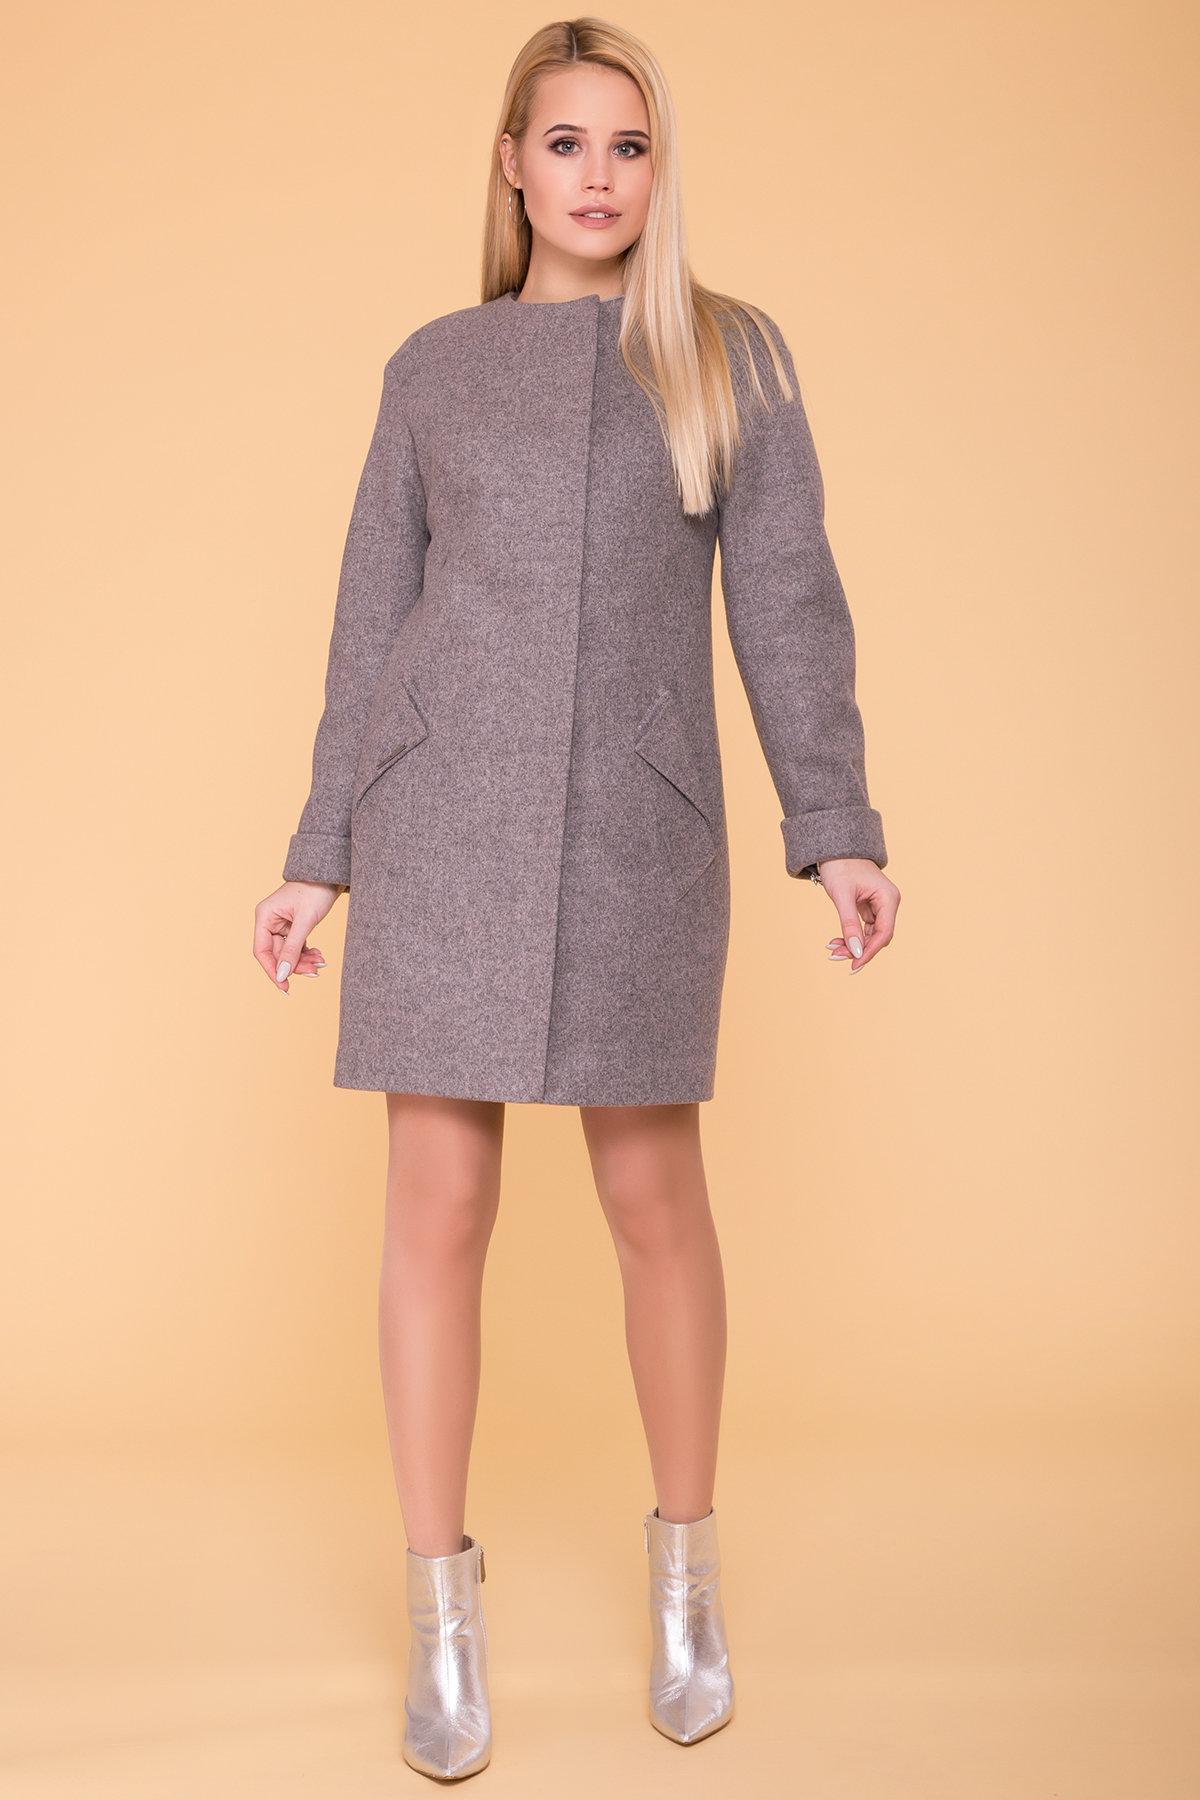 Пальто Кимберли 6101 АРТ. 41069 Цвет: Карамель 20/1 - фото 3, интернет магазин tm-modus.ru